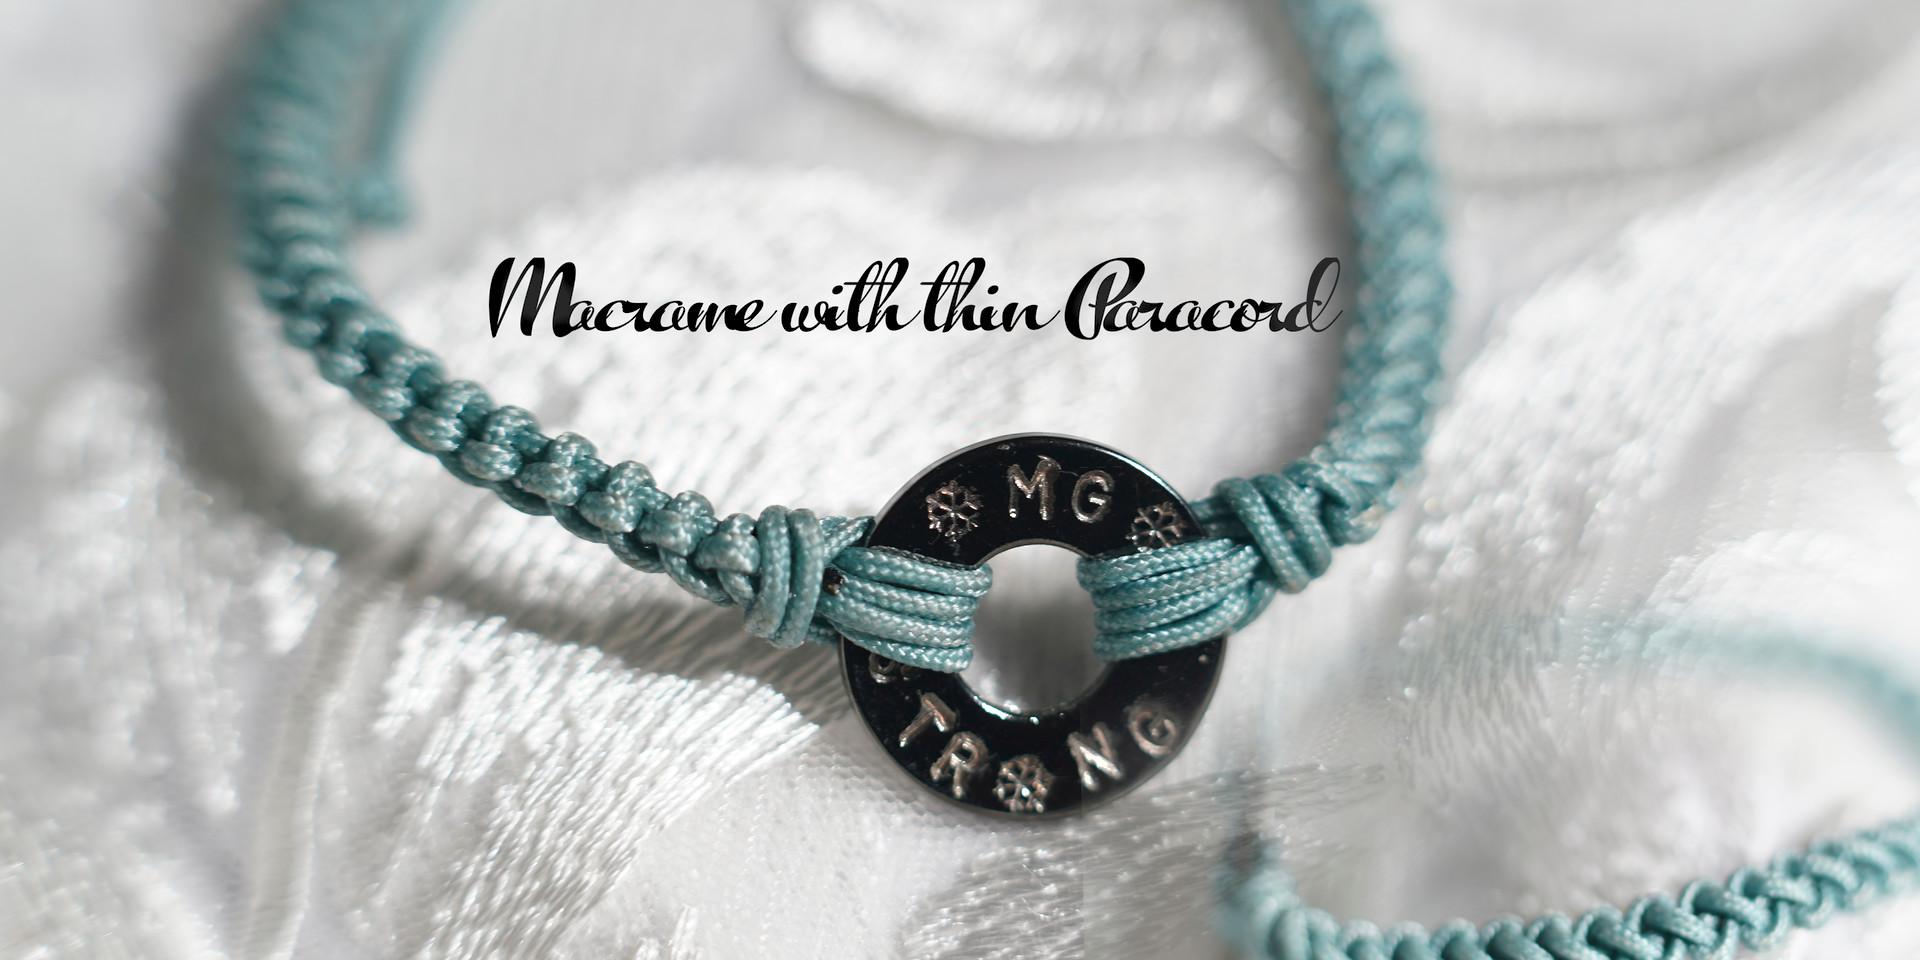 macrame wiith cord.jpg